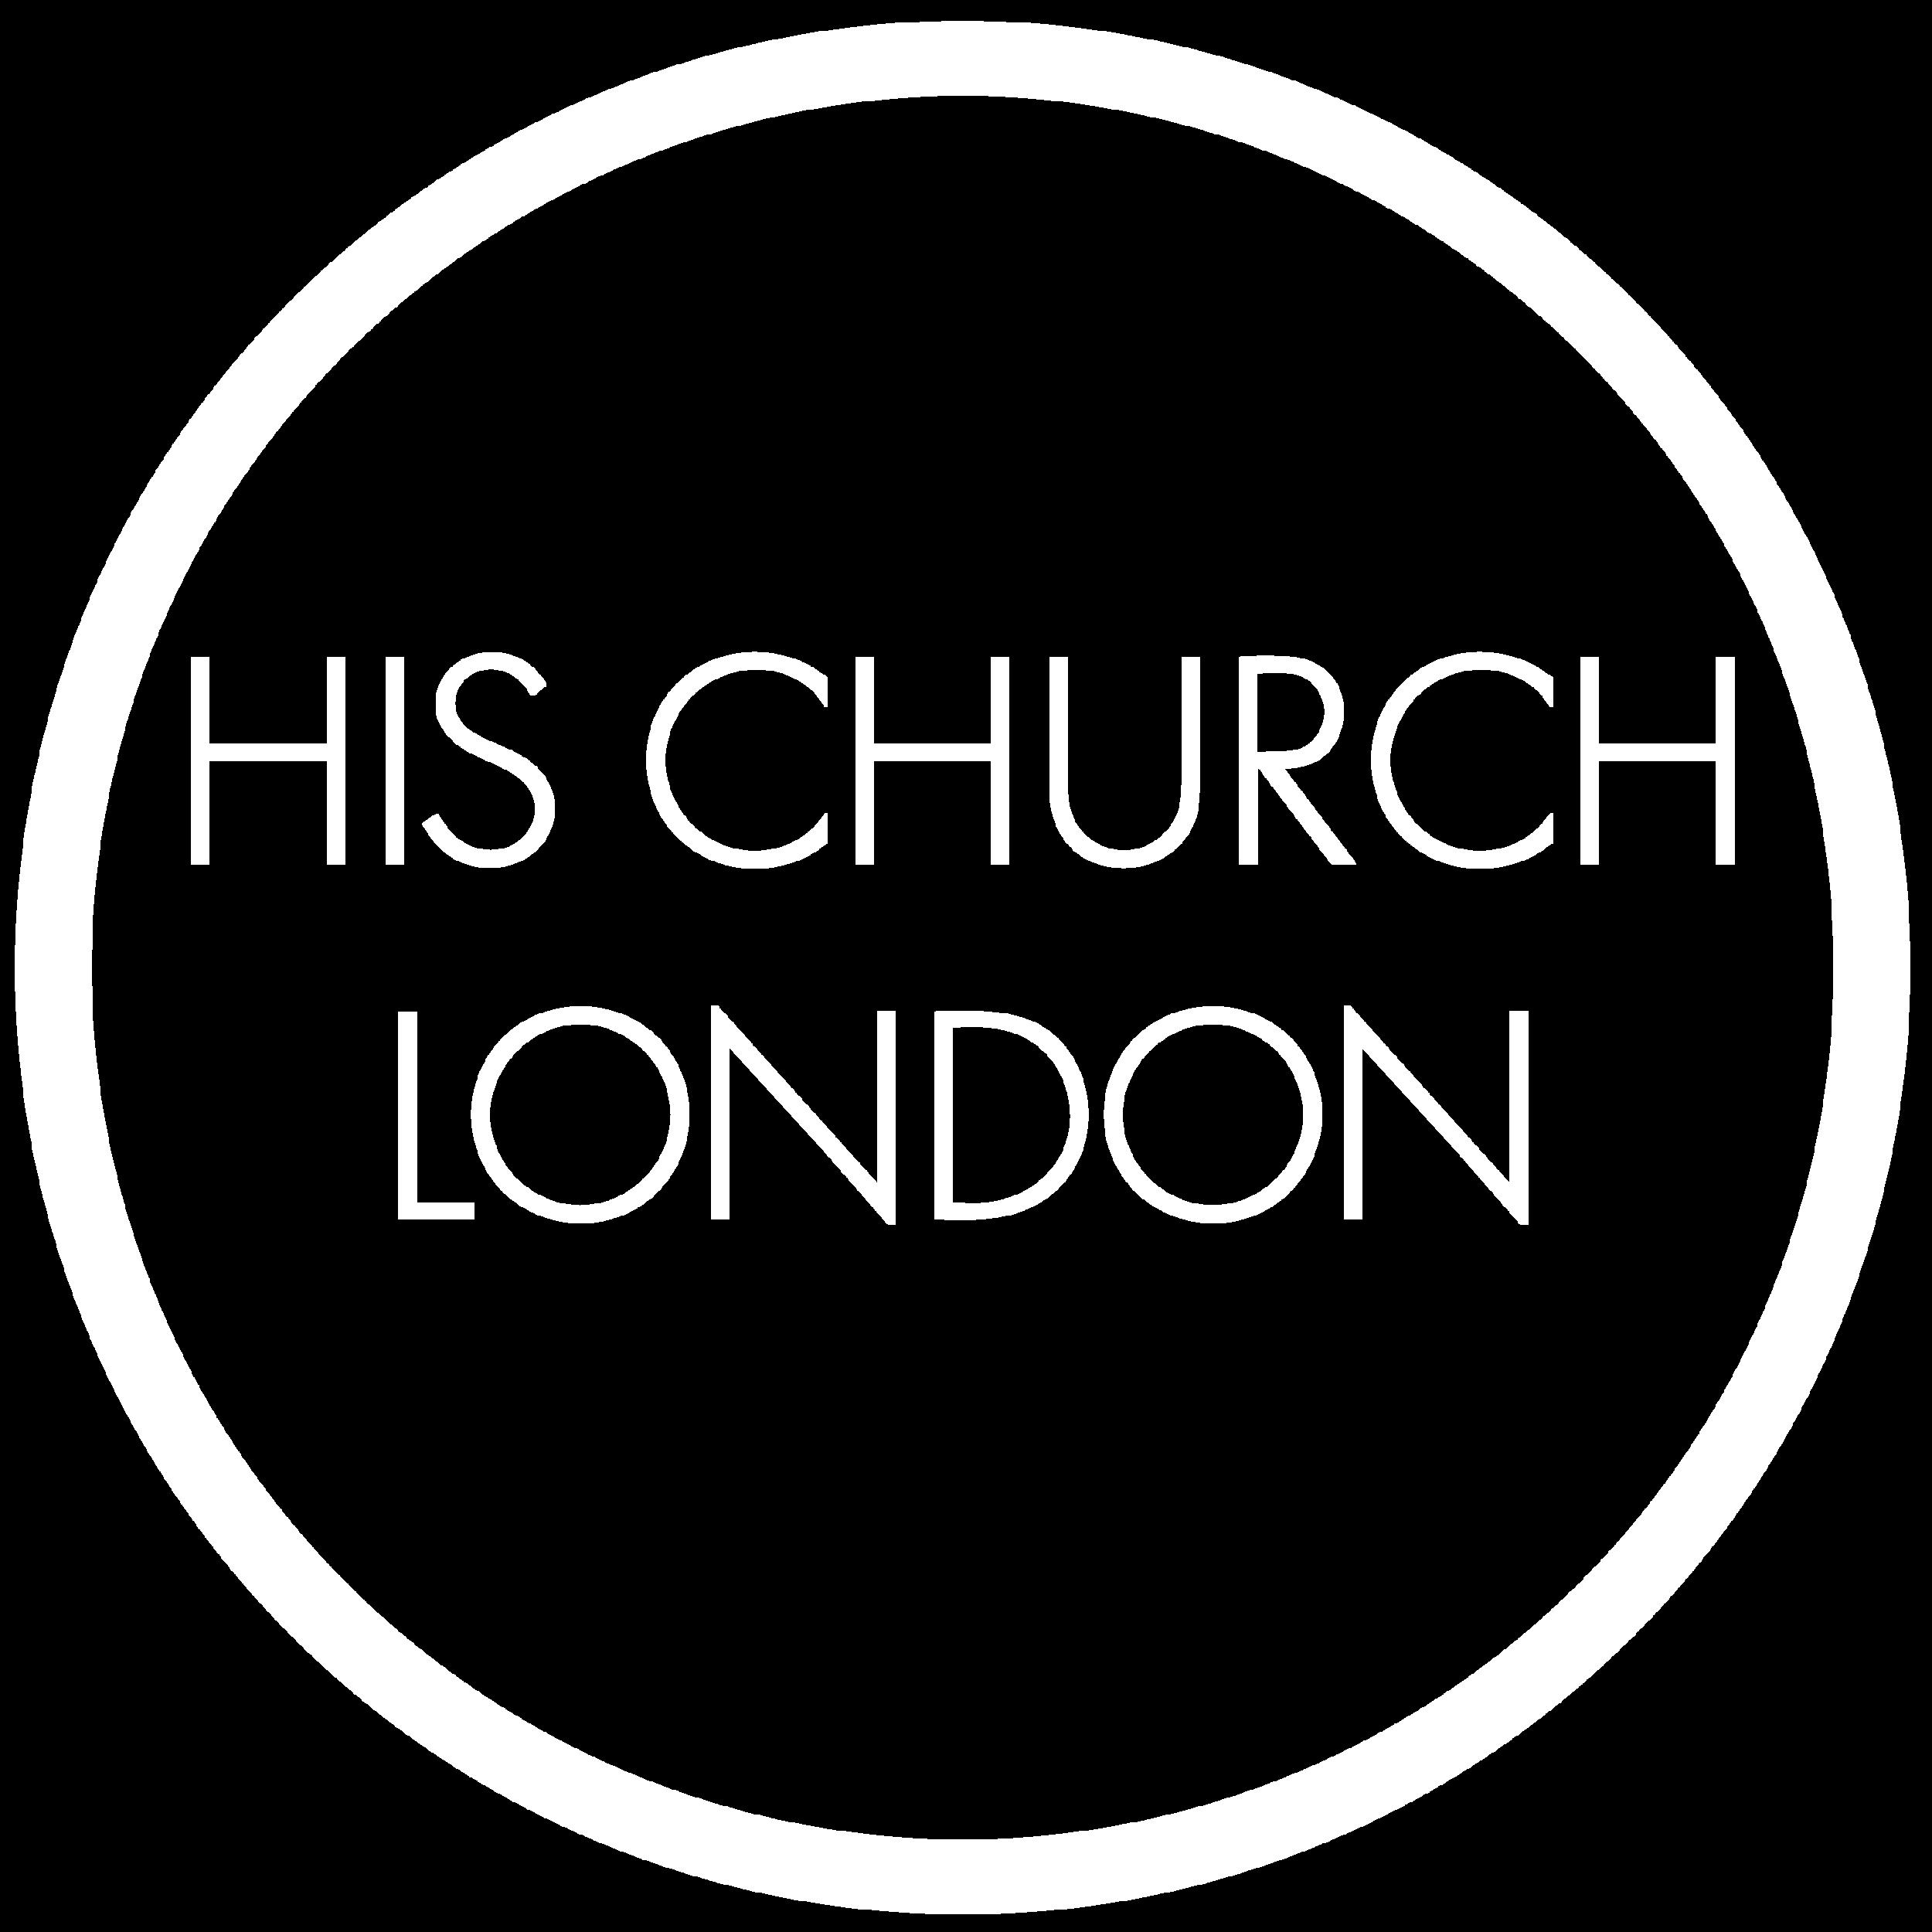 HC_london-01.png